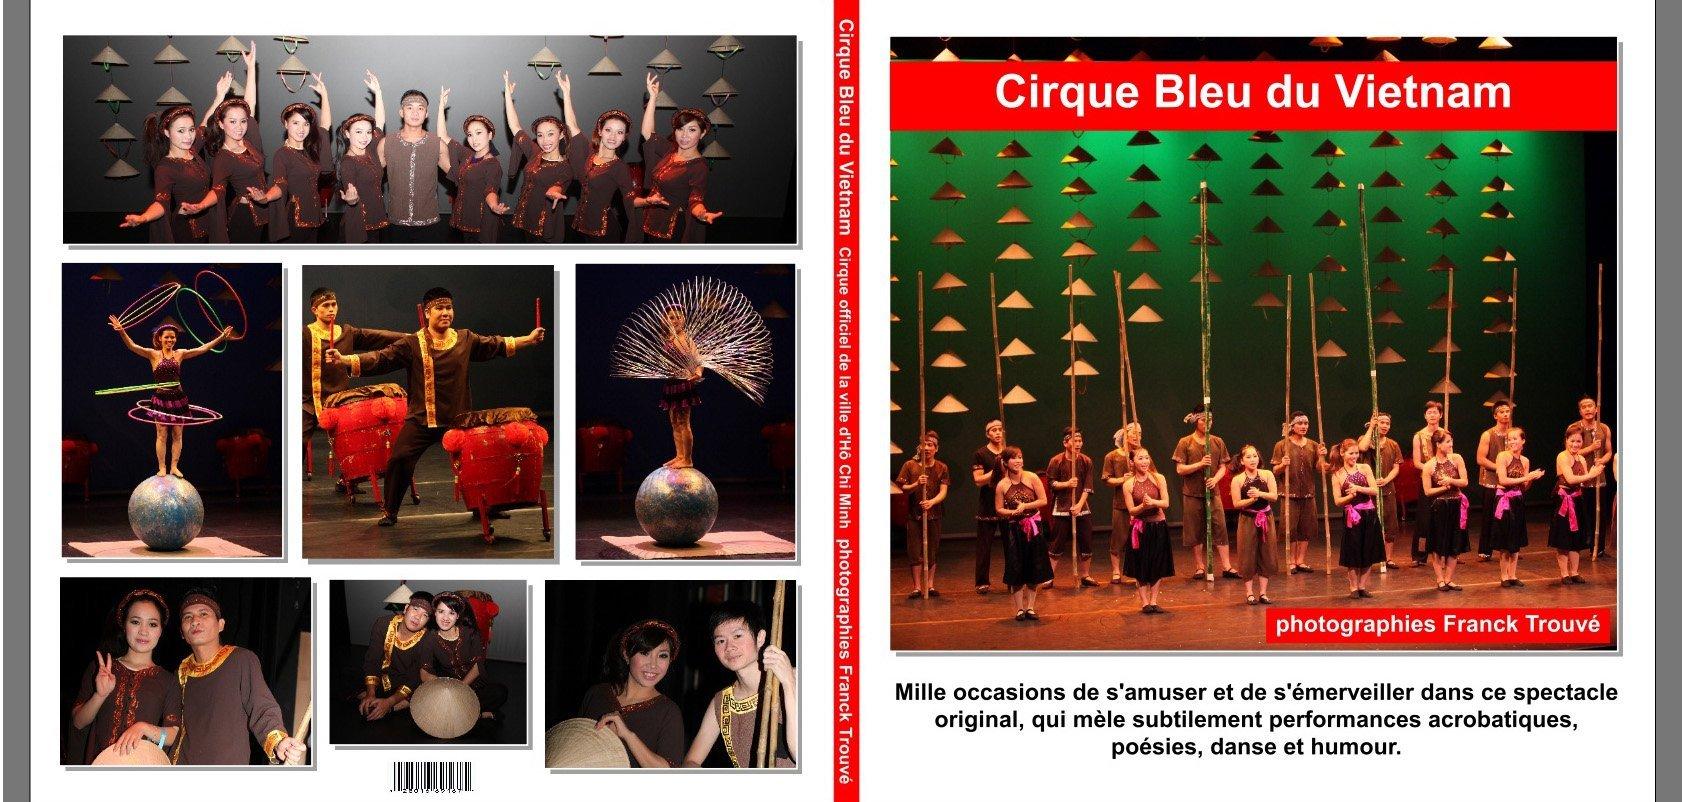 livre le cirque bleu du vietnam du photographe franck trouvé